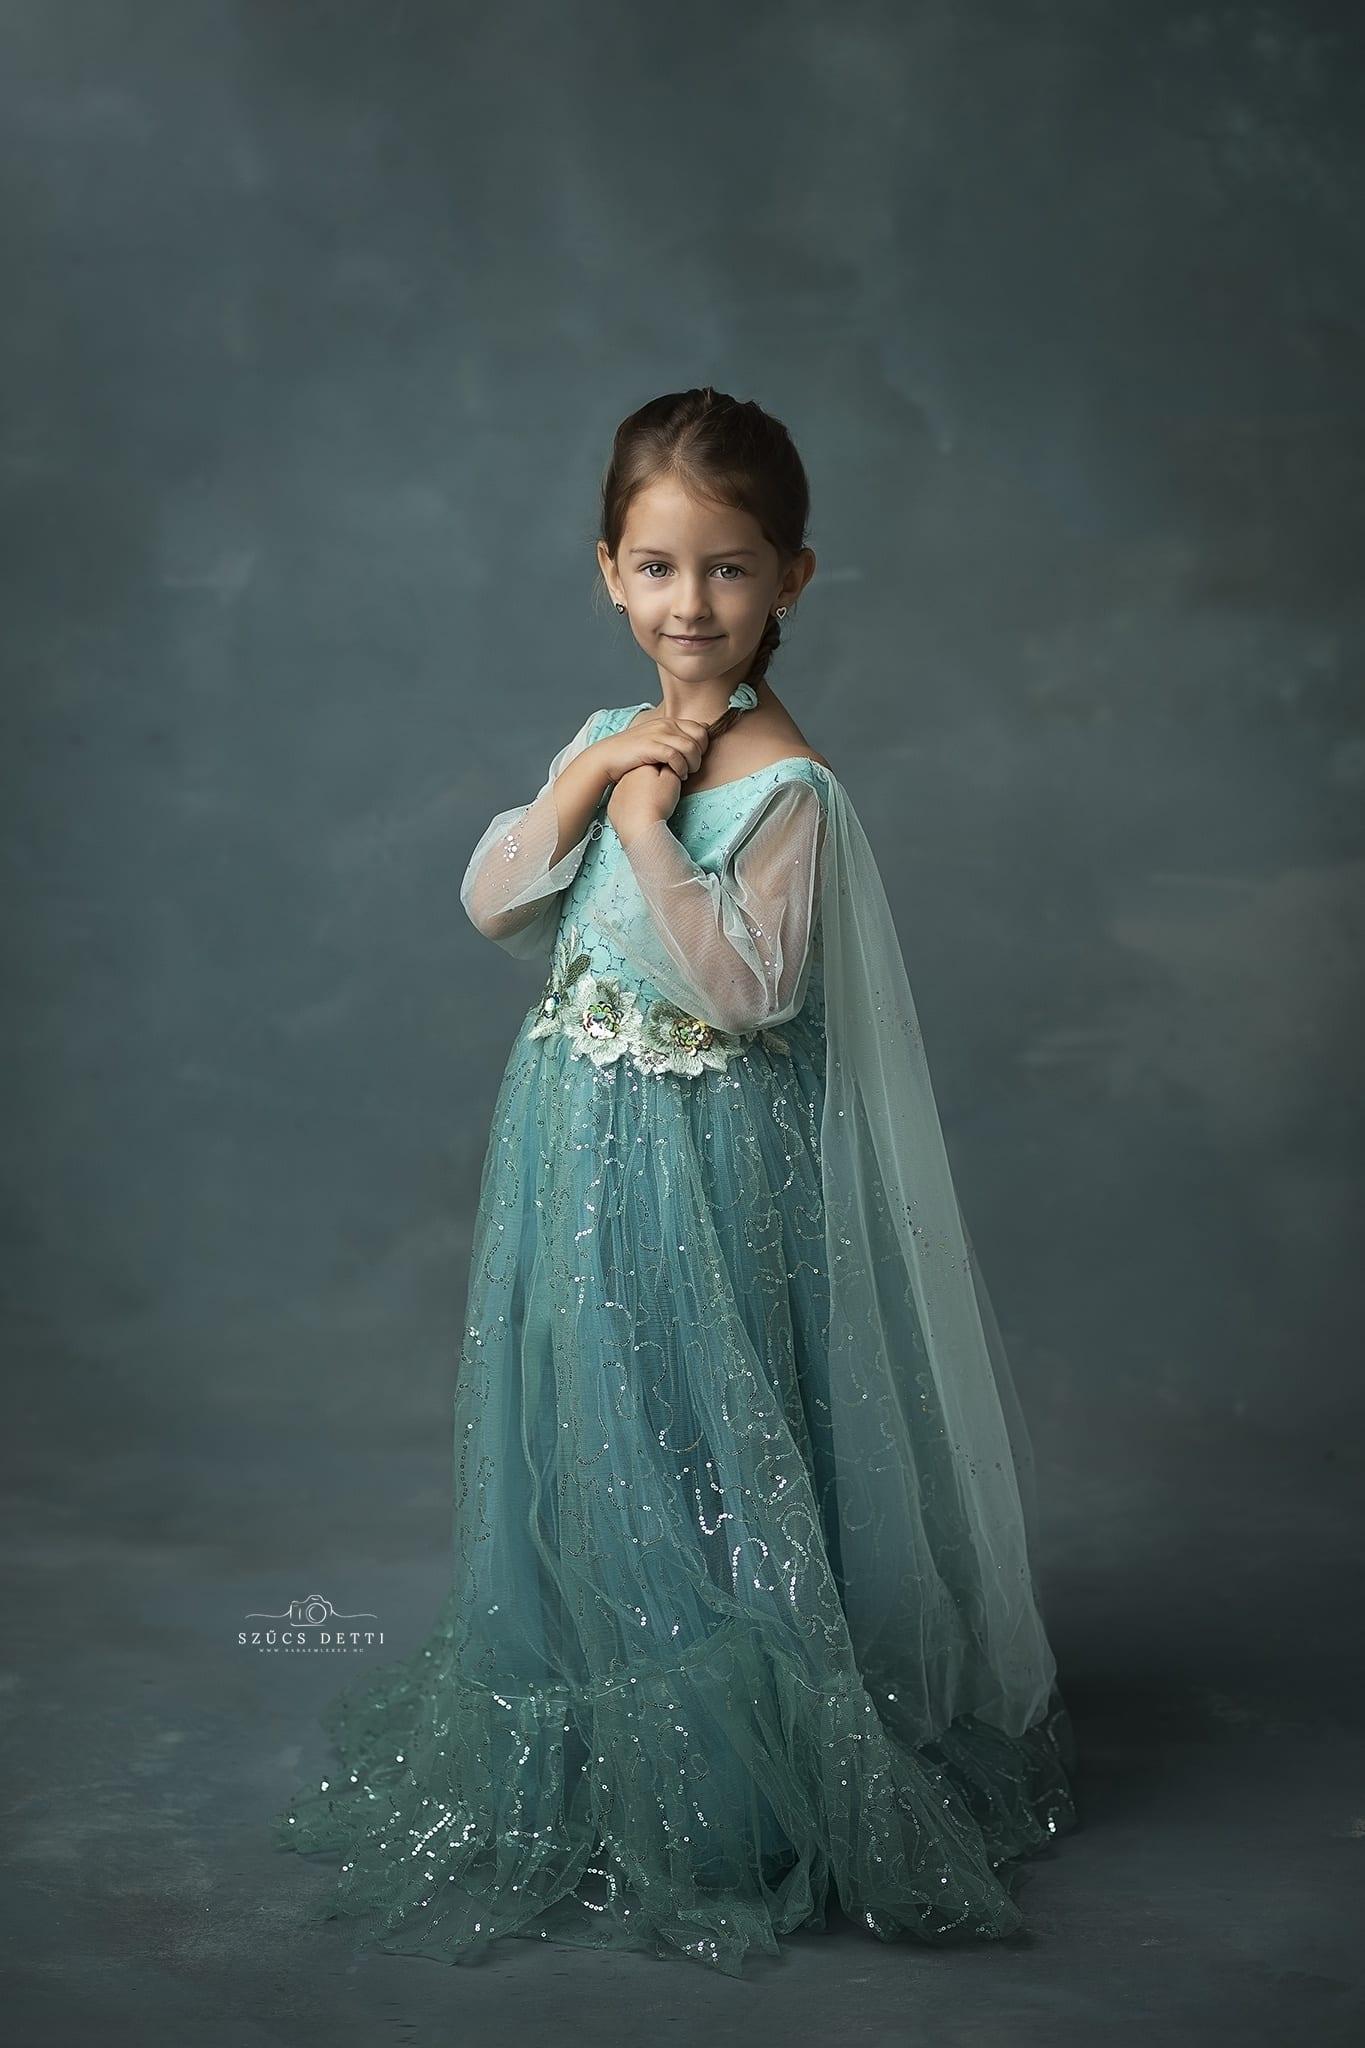 Fine art gyerekfotózás budapesti fotóstúdióban